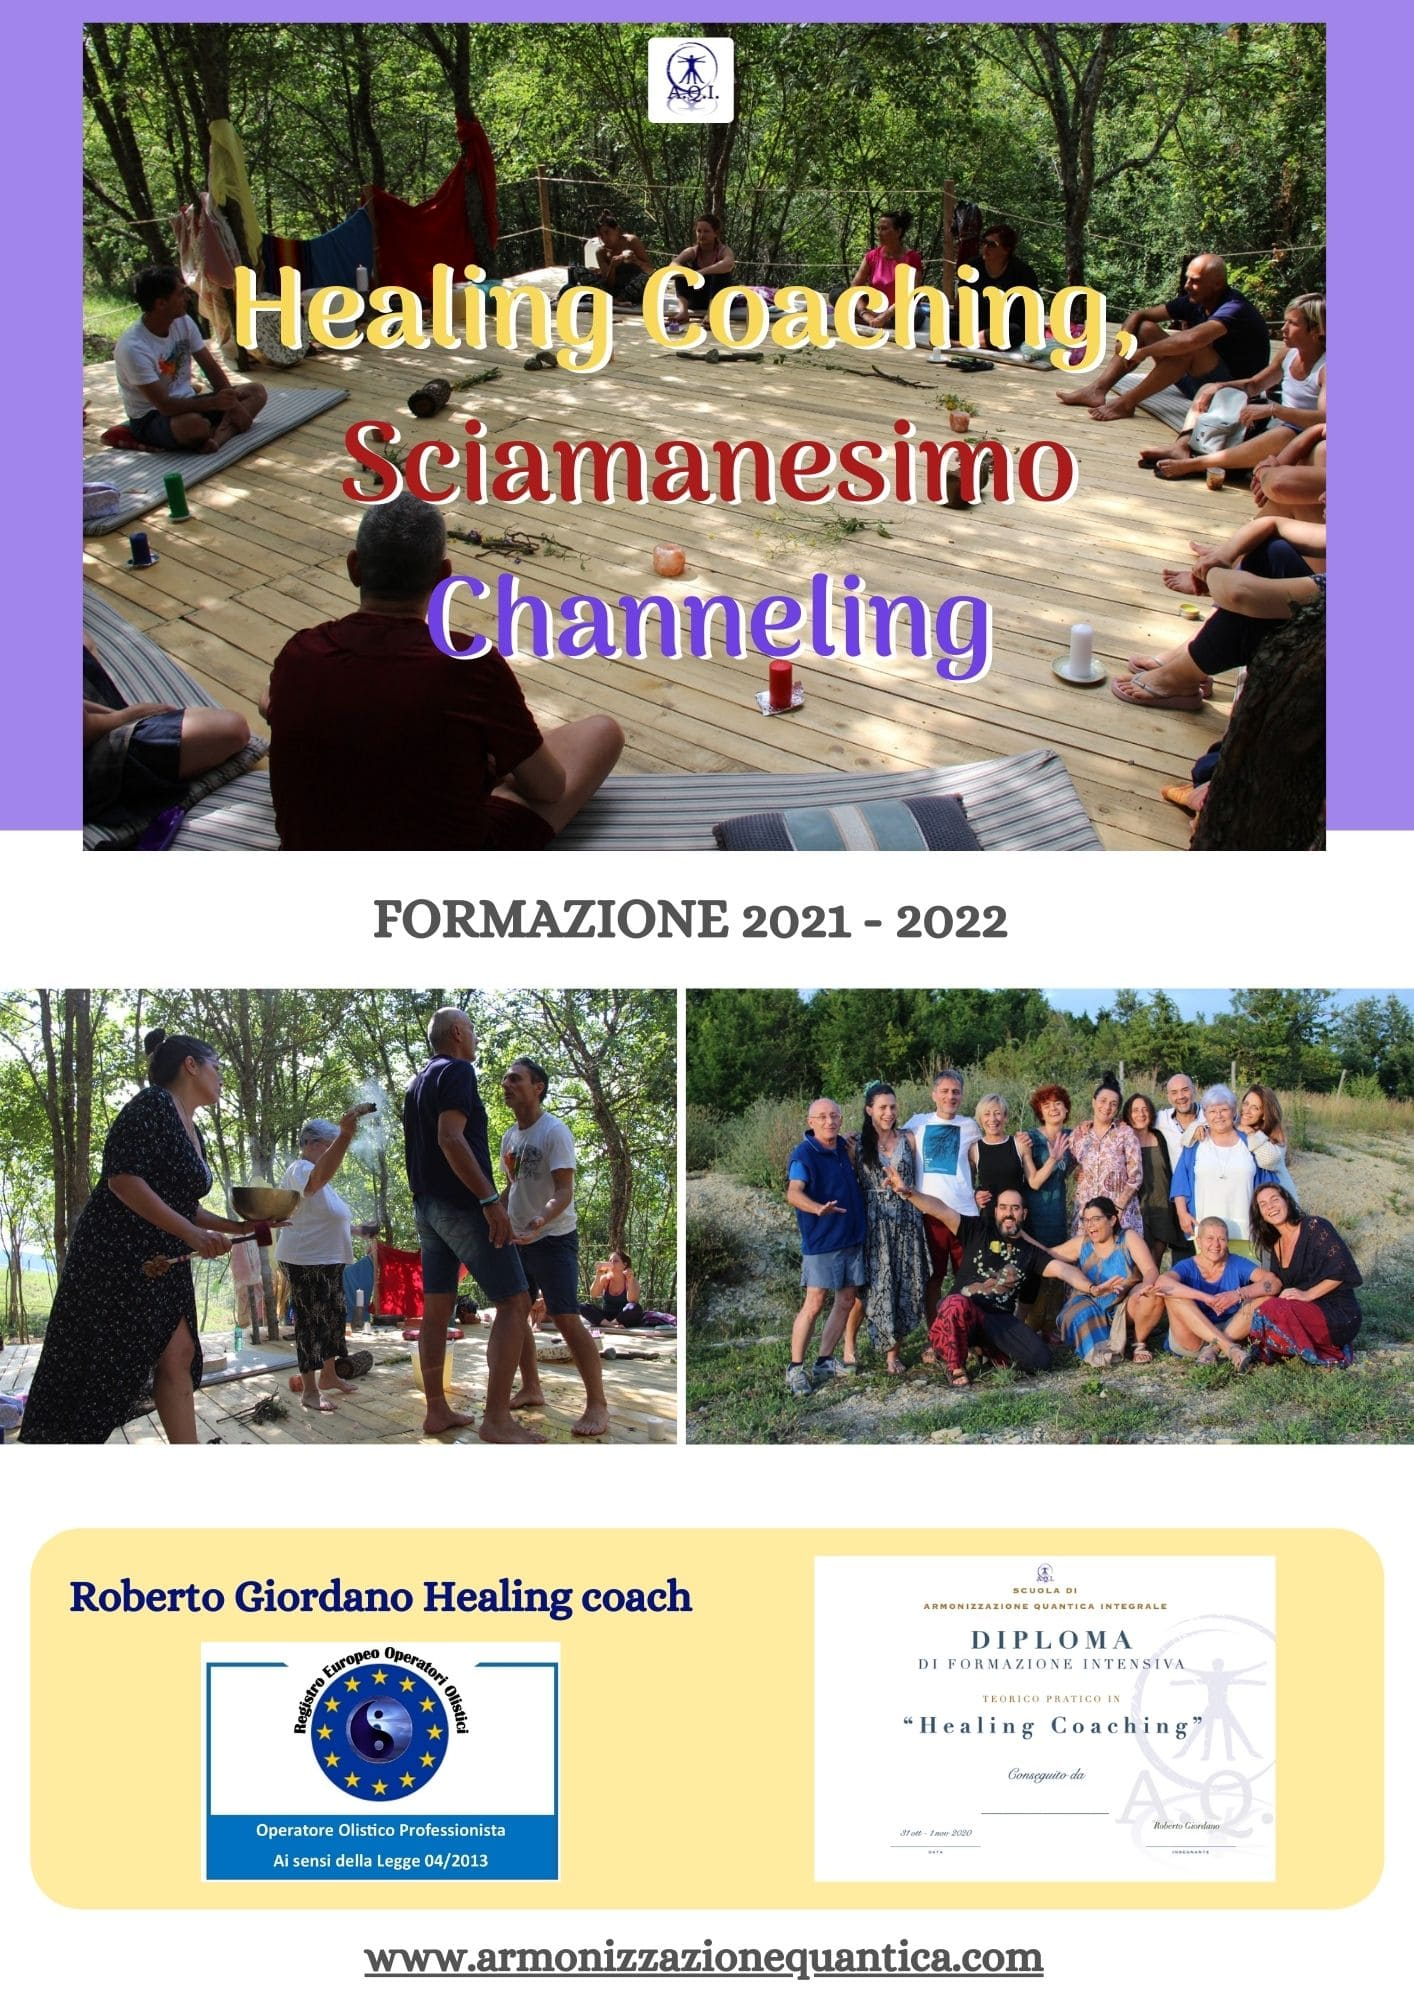 RID Accademia di Formazione Healing Coaching Channeling e Sciamanesimo